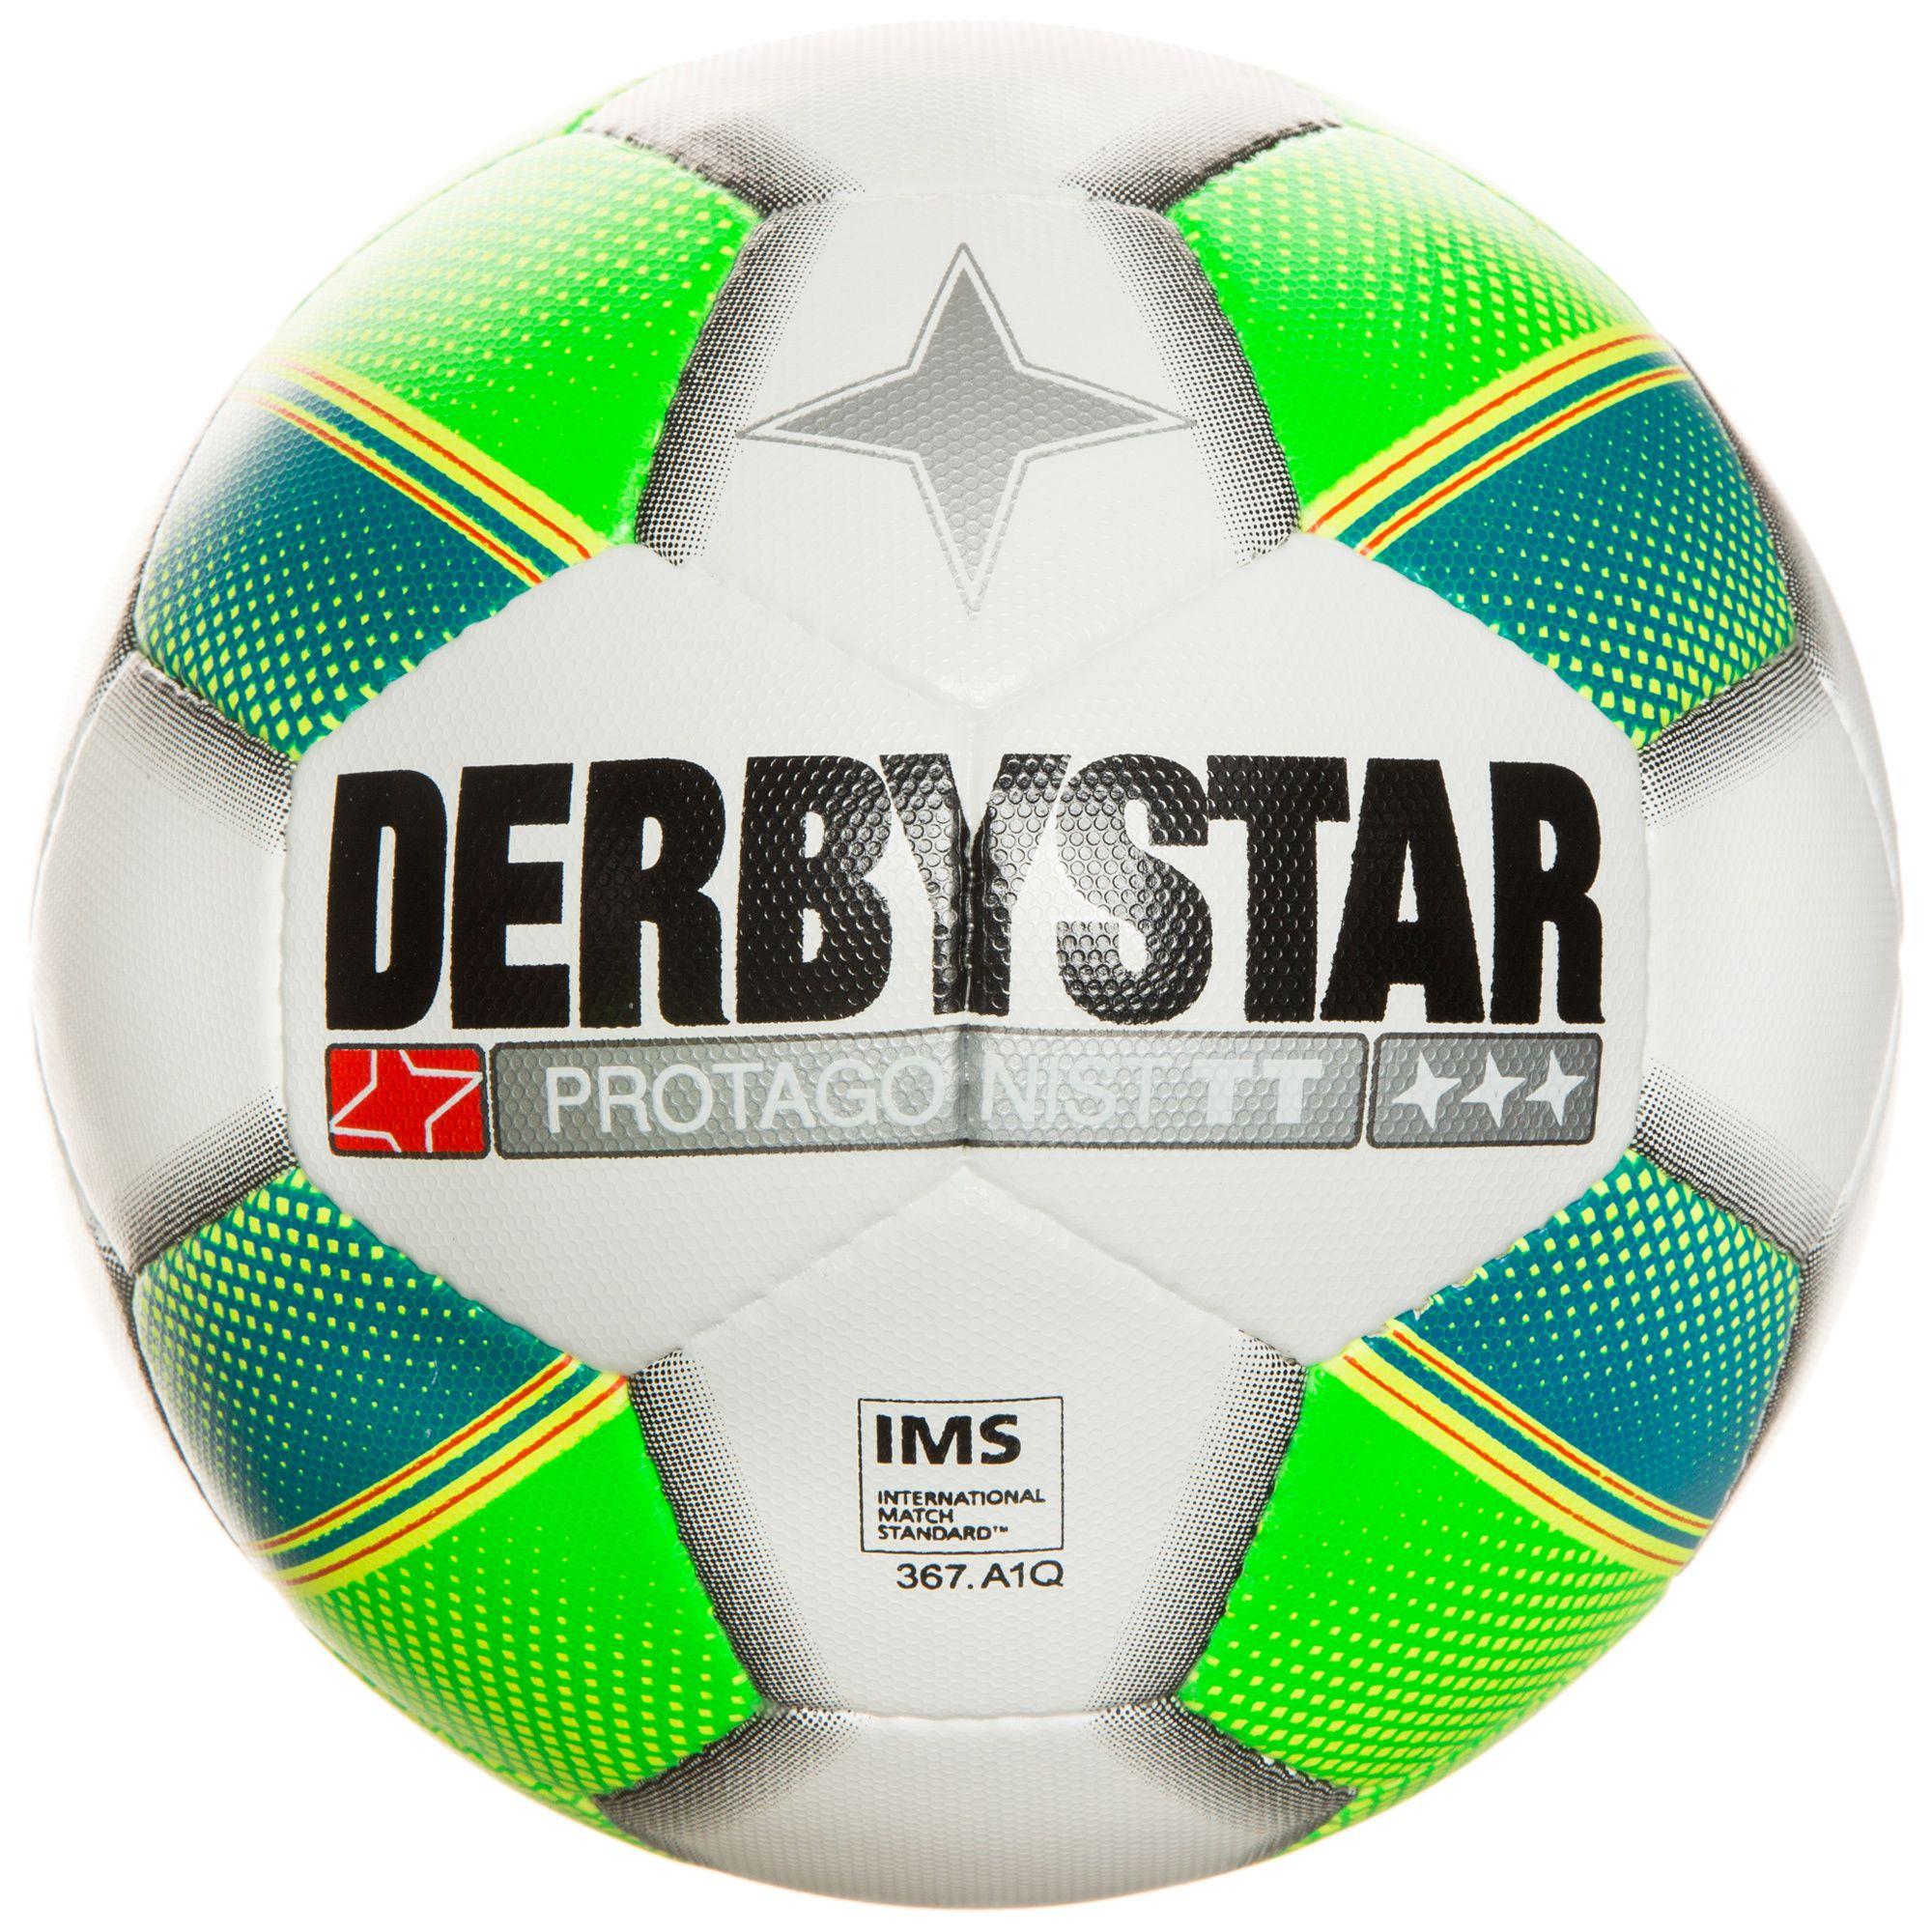 DERBYSTAR Derbystar Fußball »Protagonist S-light«